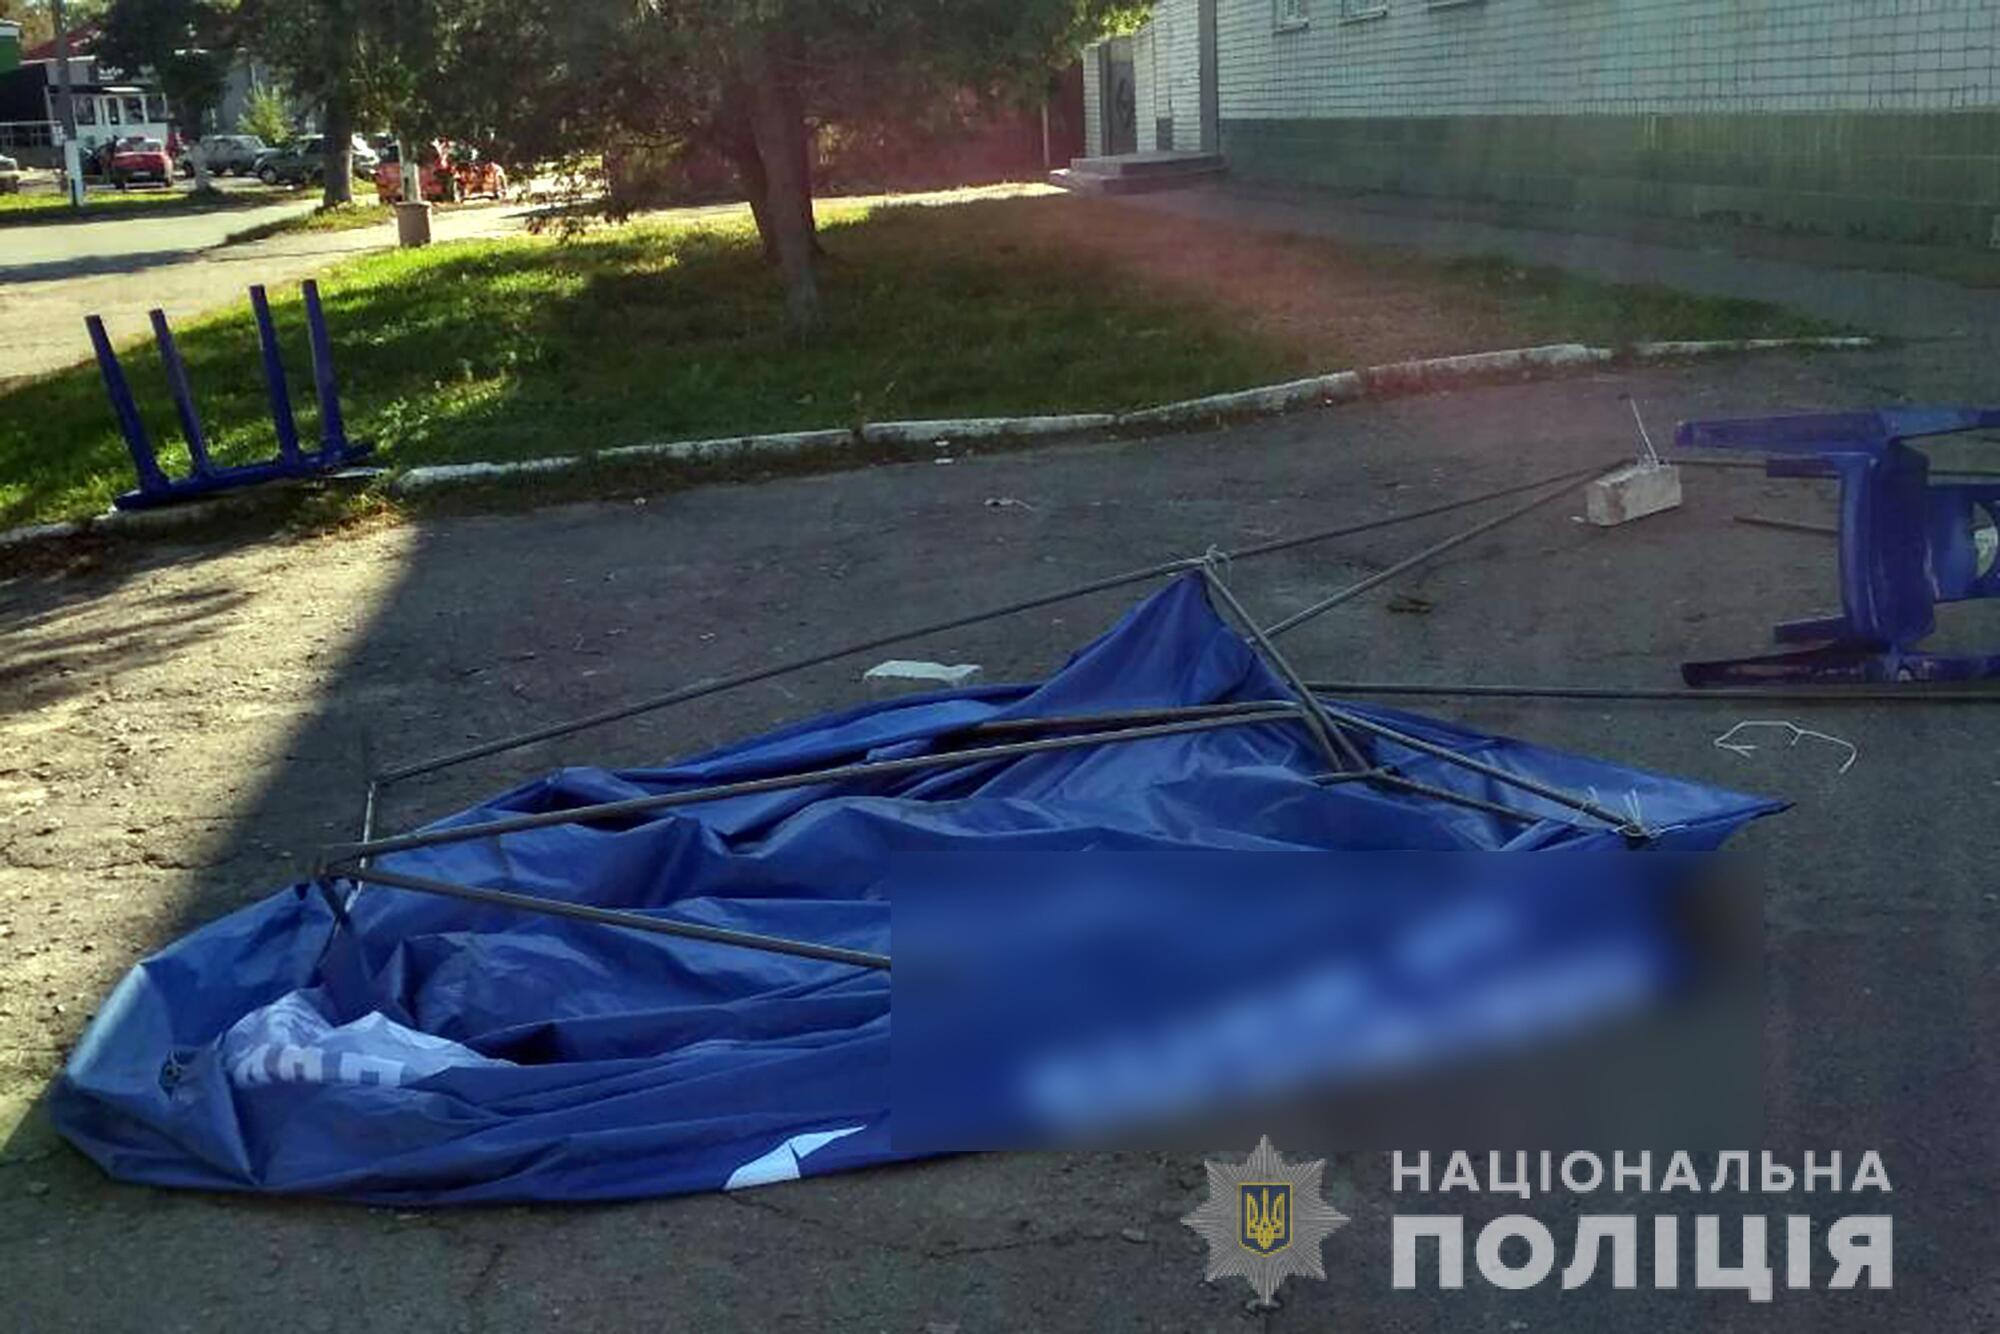 Інцидент стався в місті Бобровиця.